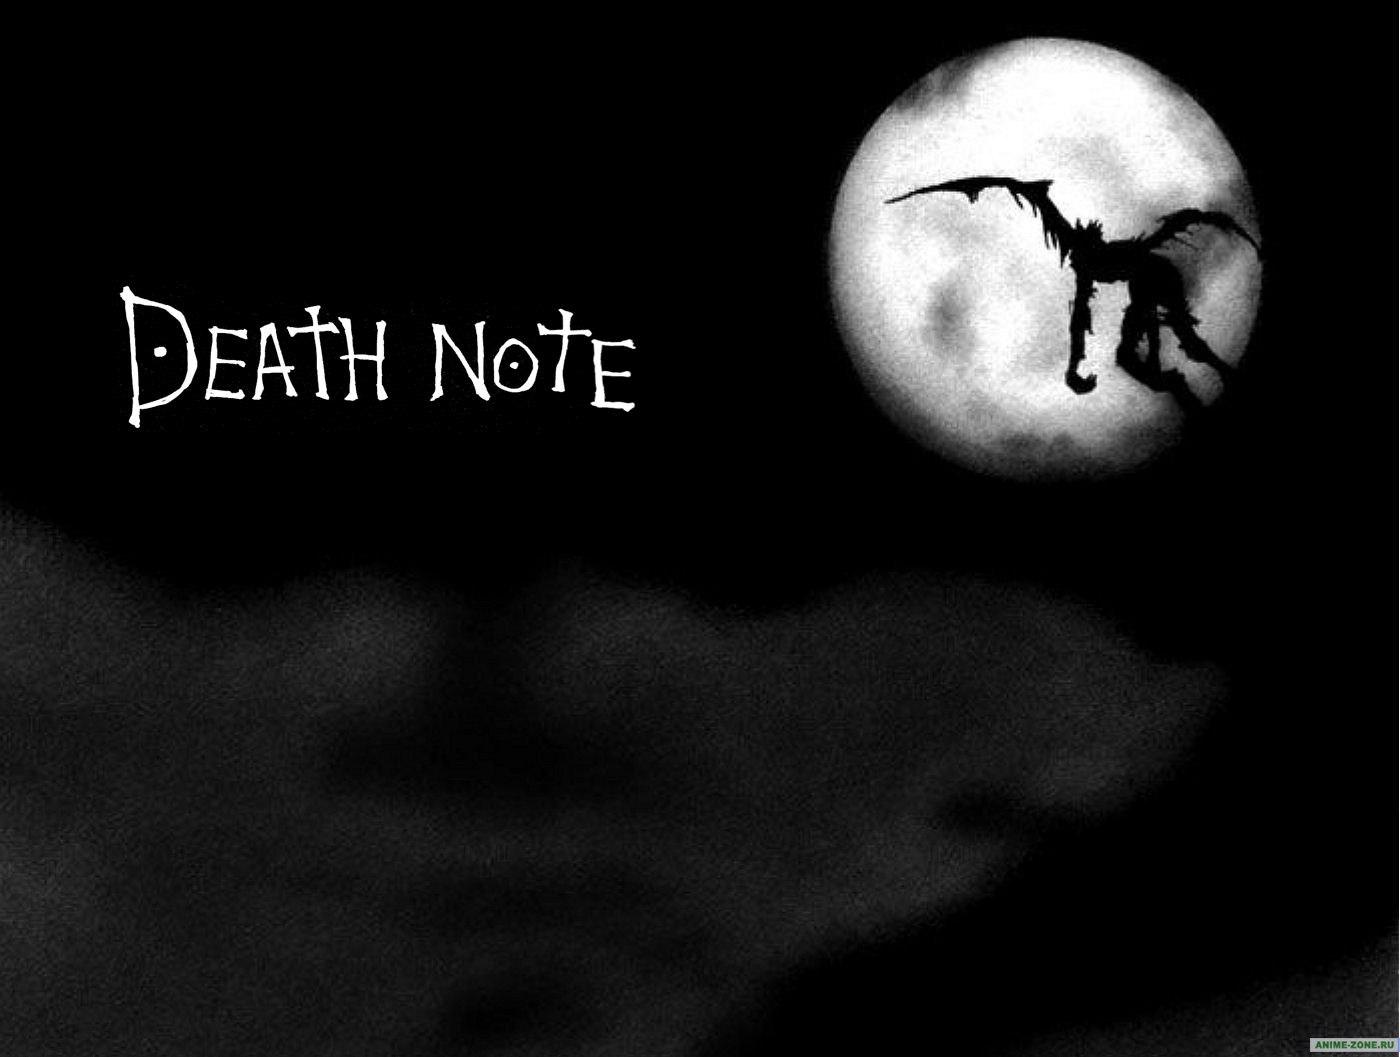 аниме картинки death note: